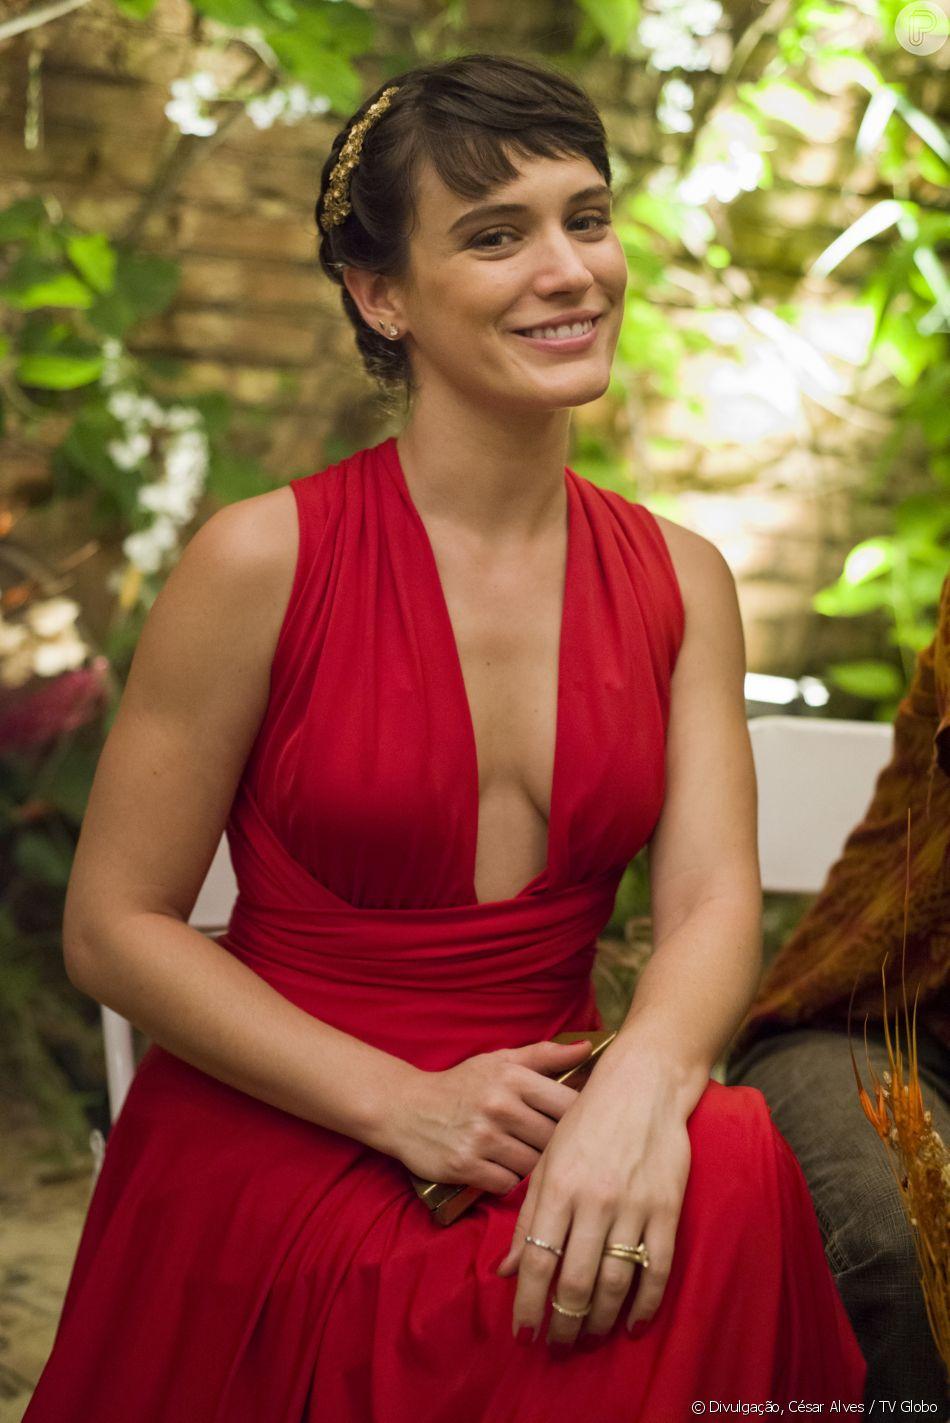 Clara (Bianca Bin) vai ao casamento de  Cleo (Giovana Cordeiro) e Xodó (Anderson Tomazini) com look vermelho decotado, na novela 'O Outro Lado do Paraíso'